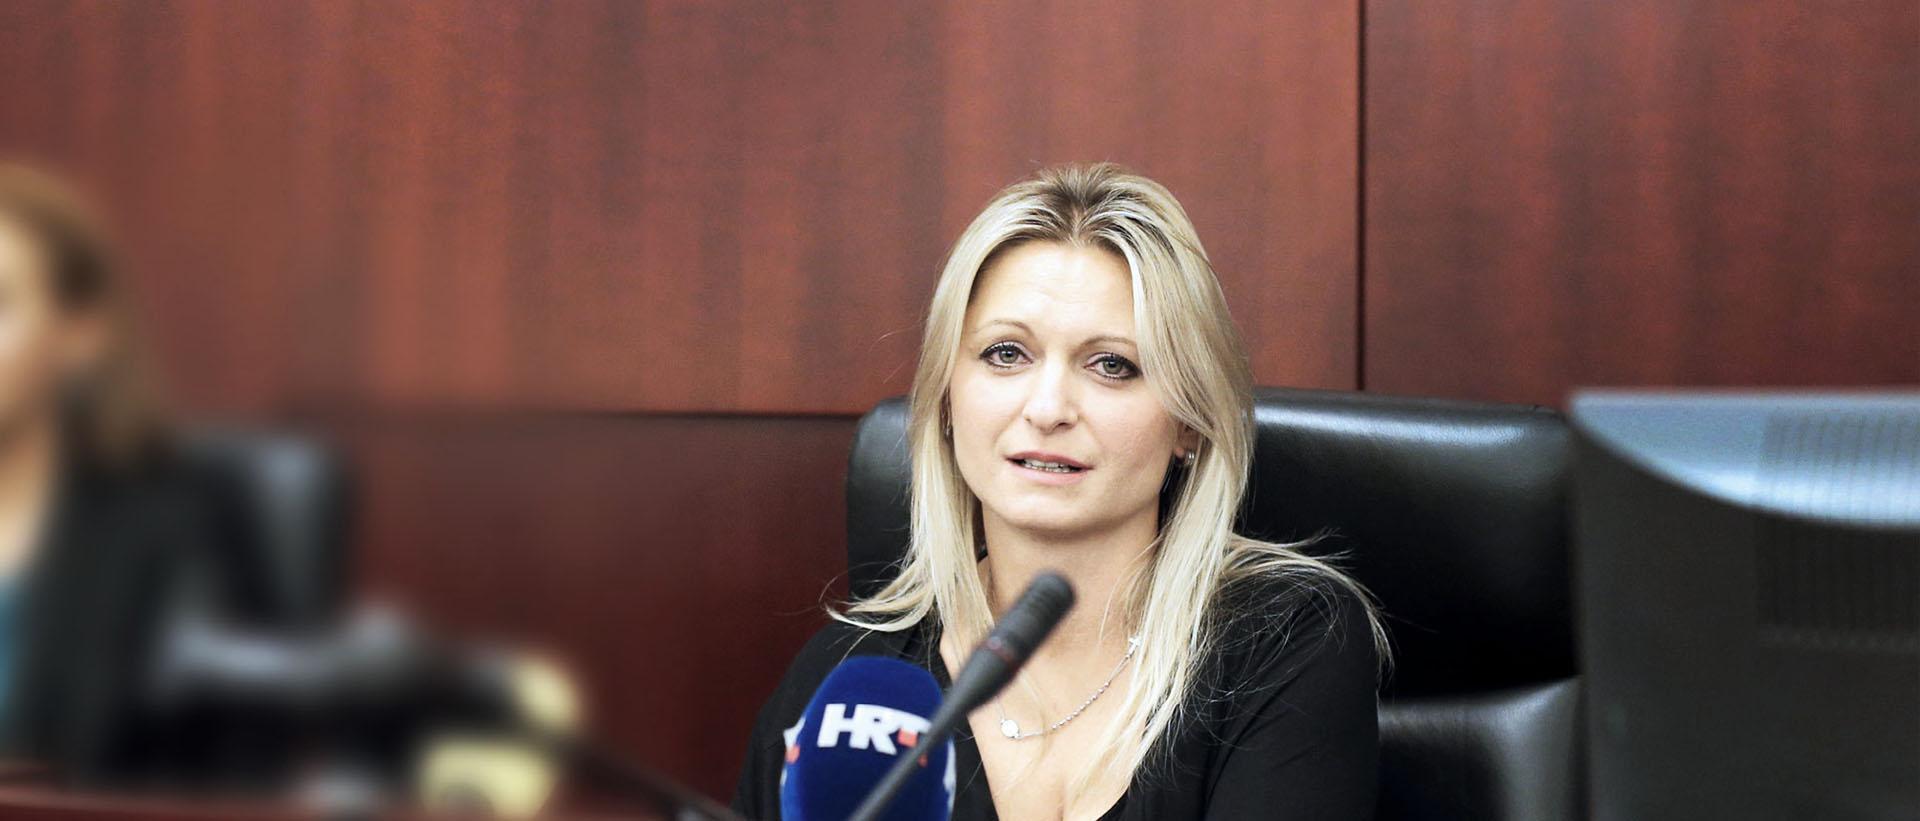 Ispituje se porijeklo imovine Tanje Pavelin Borzić koja u dva predmeta sudi Milanu Bandiću